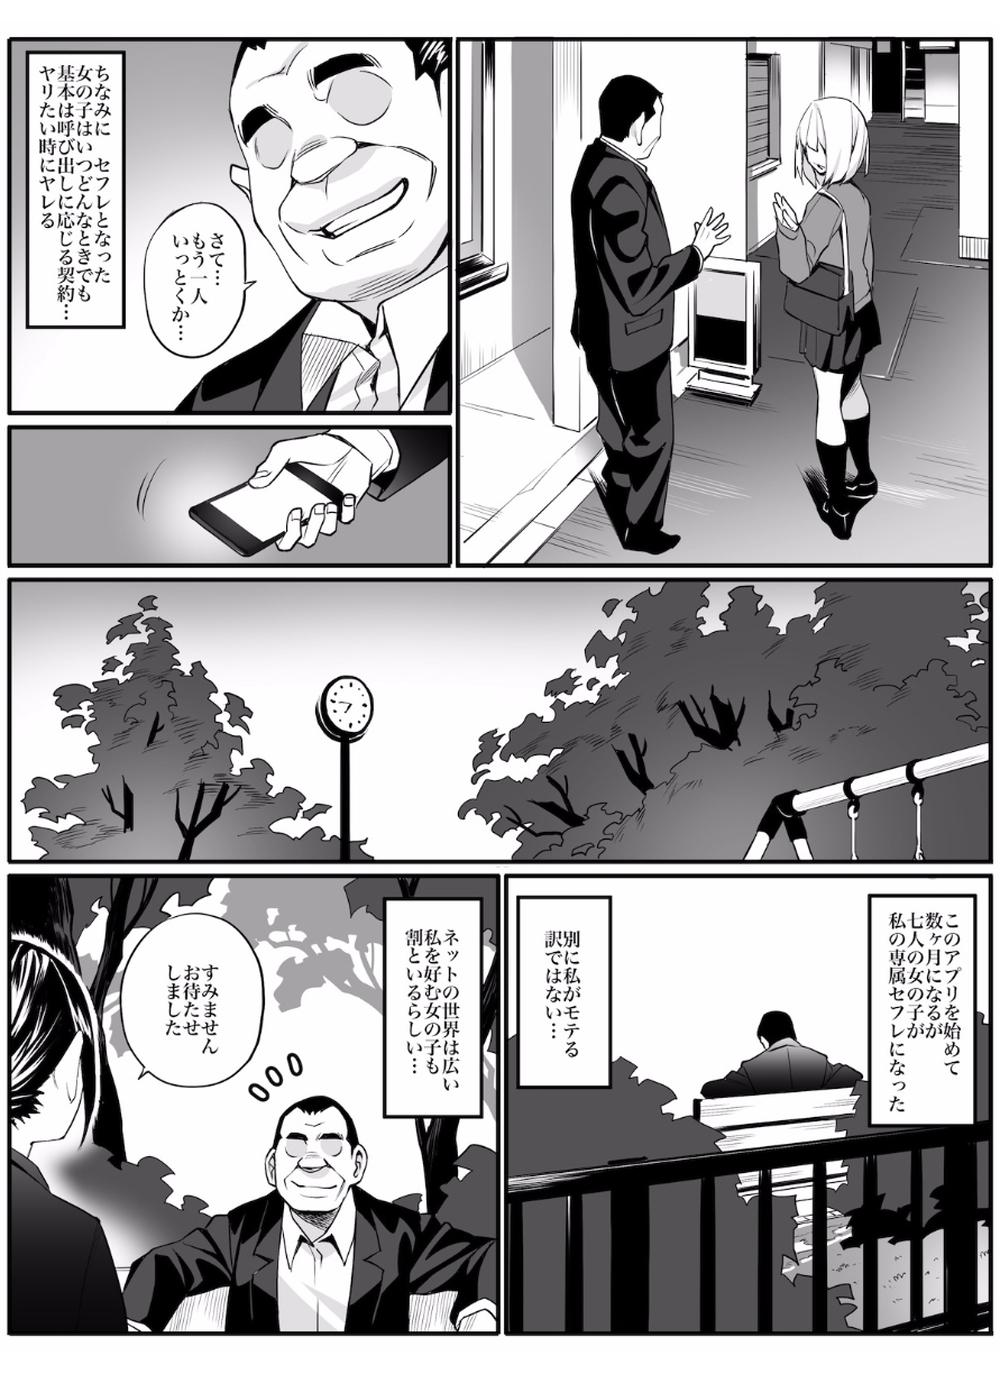 【エロ漫画】専属セフレアプリでOL、人妻、少女とやりたい放題セックスをする中年男w【無料 エロ同人誌】 (4)